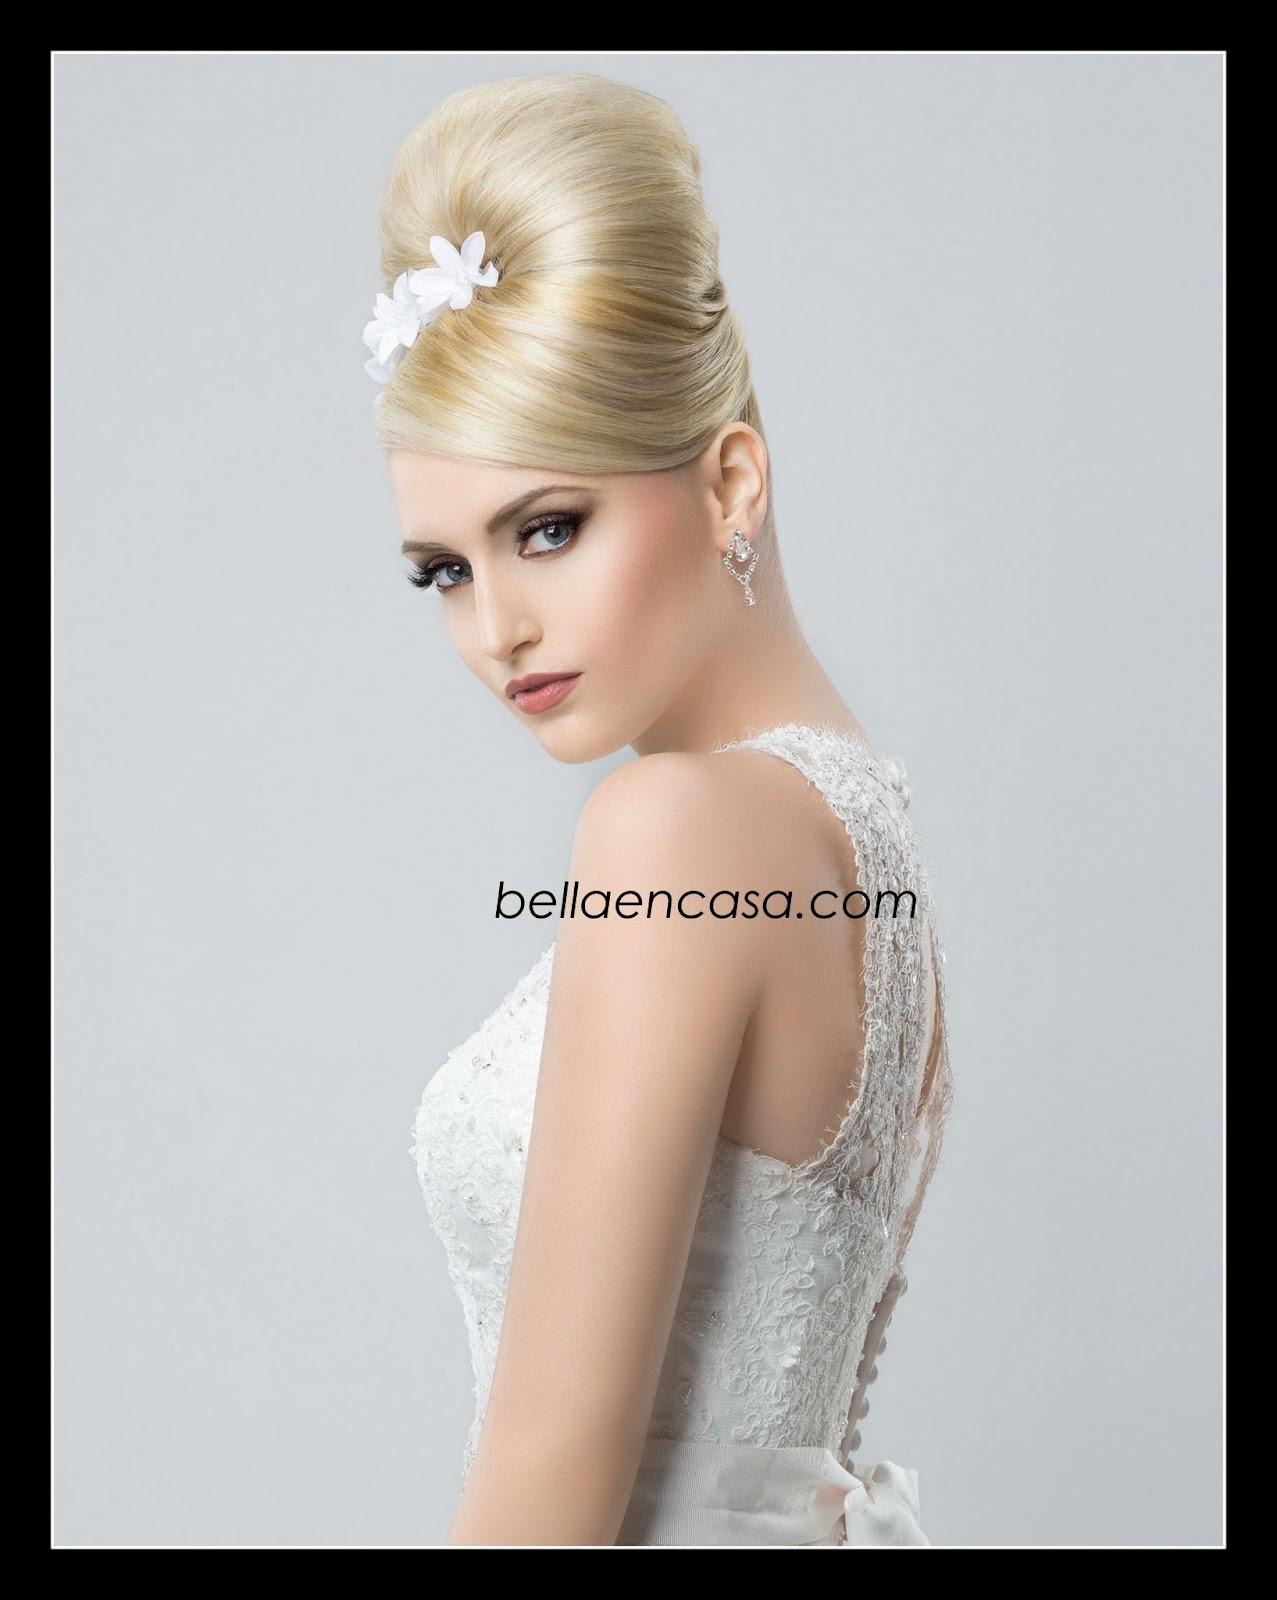 Peinado para novia sencillo belleza y peinados peinado de novia recogido alto paso a paso bella - Lo ultimo en peinados de novia ...